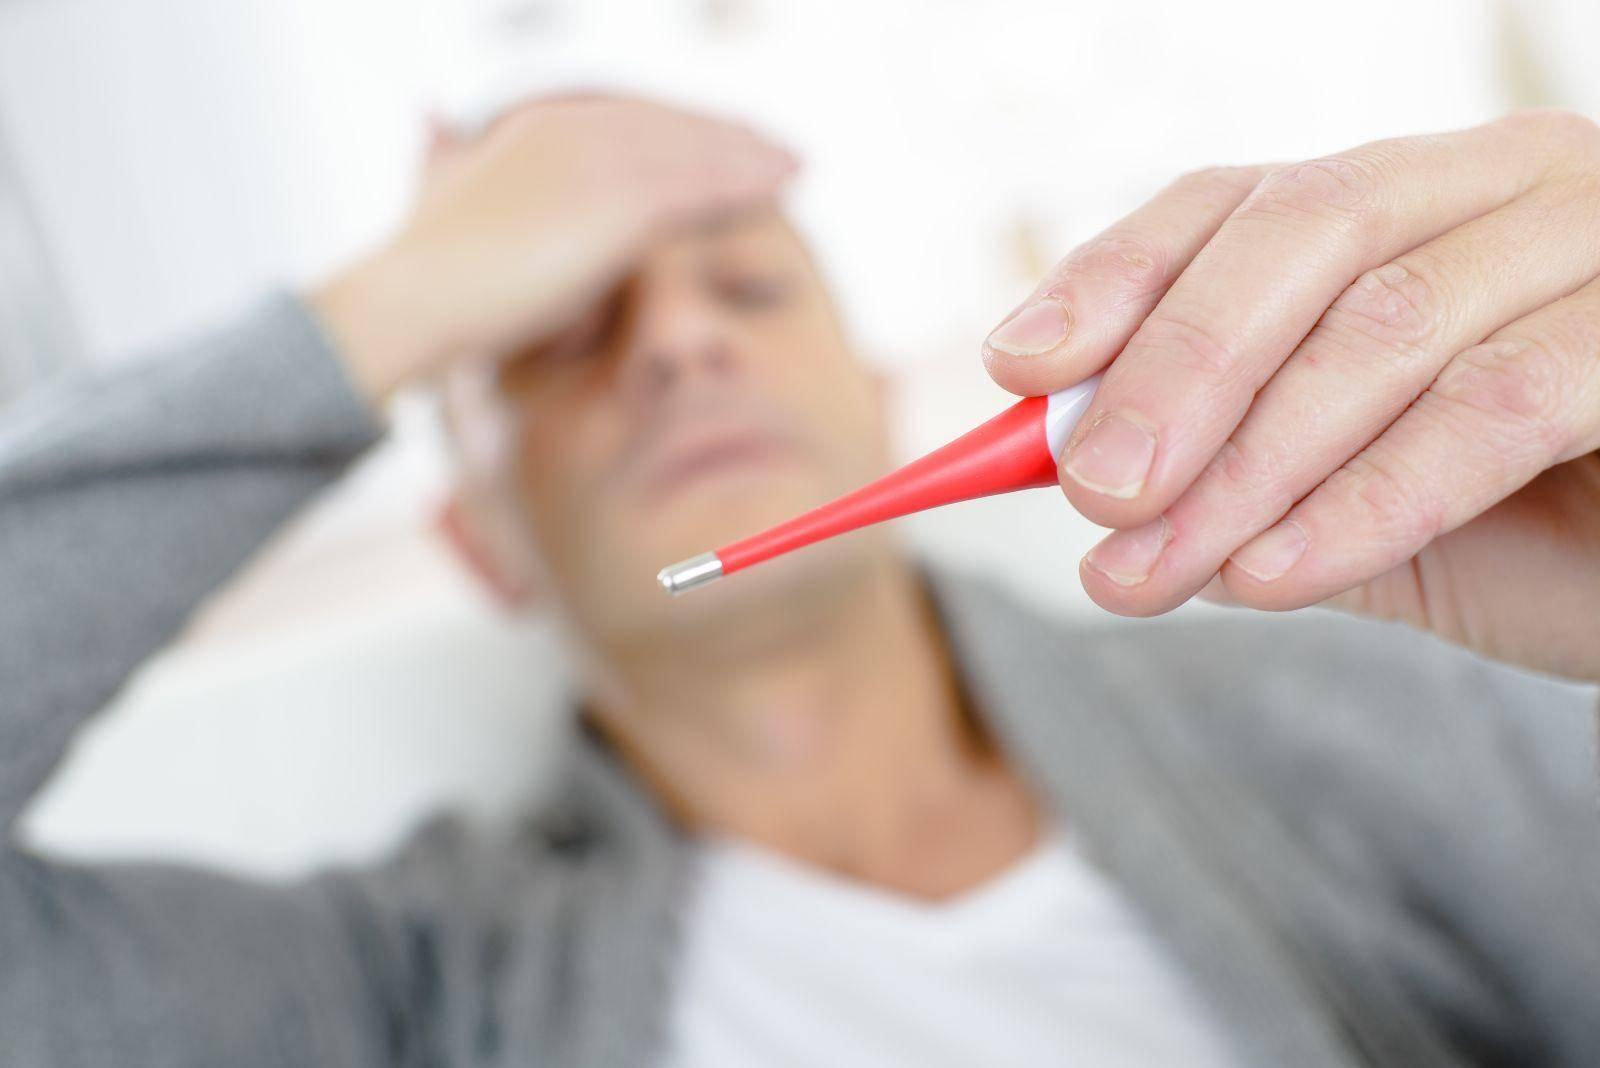 Как долго может держаться температура при гепатите а